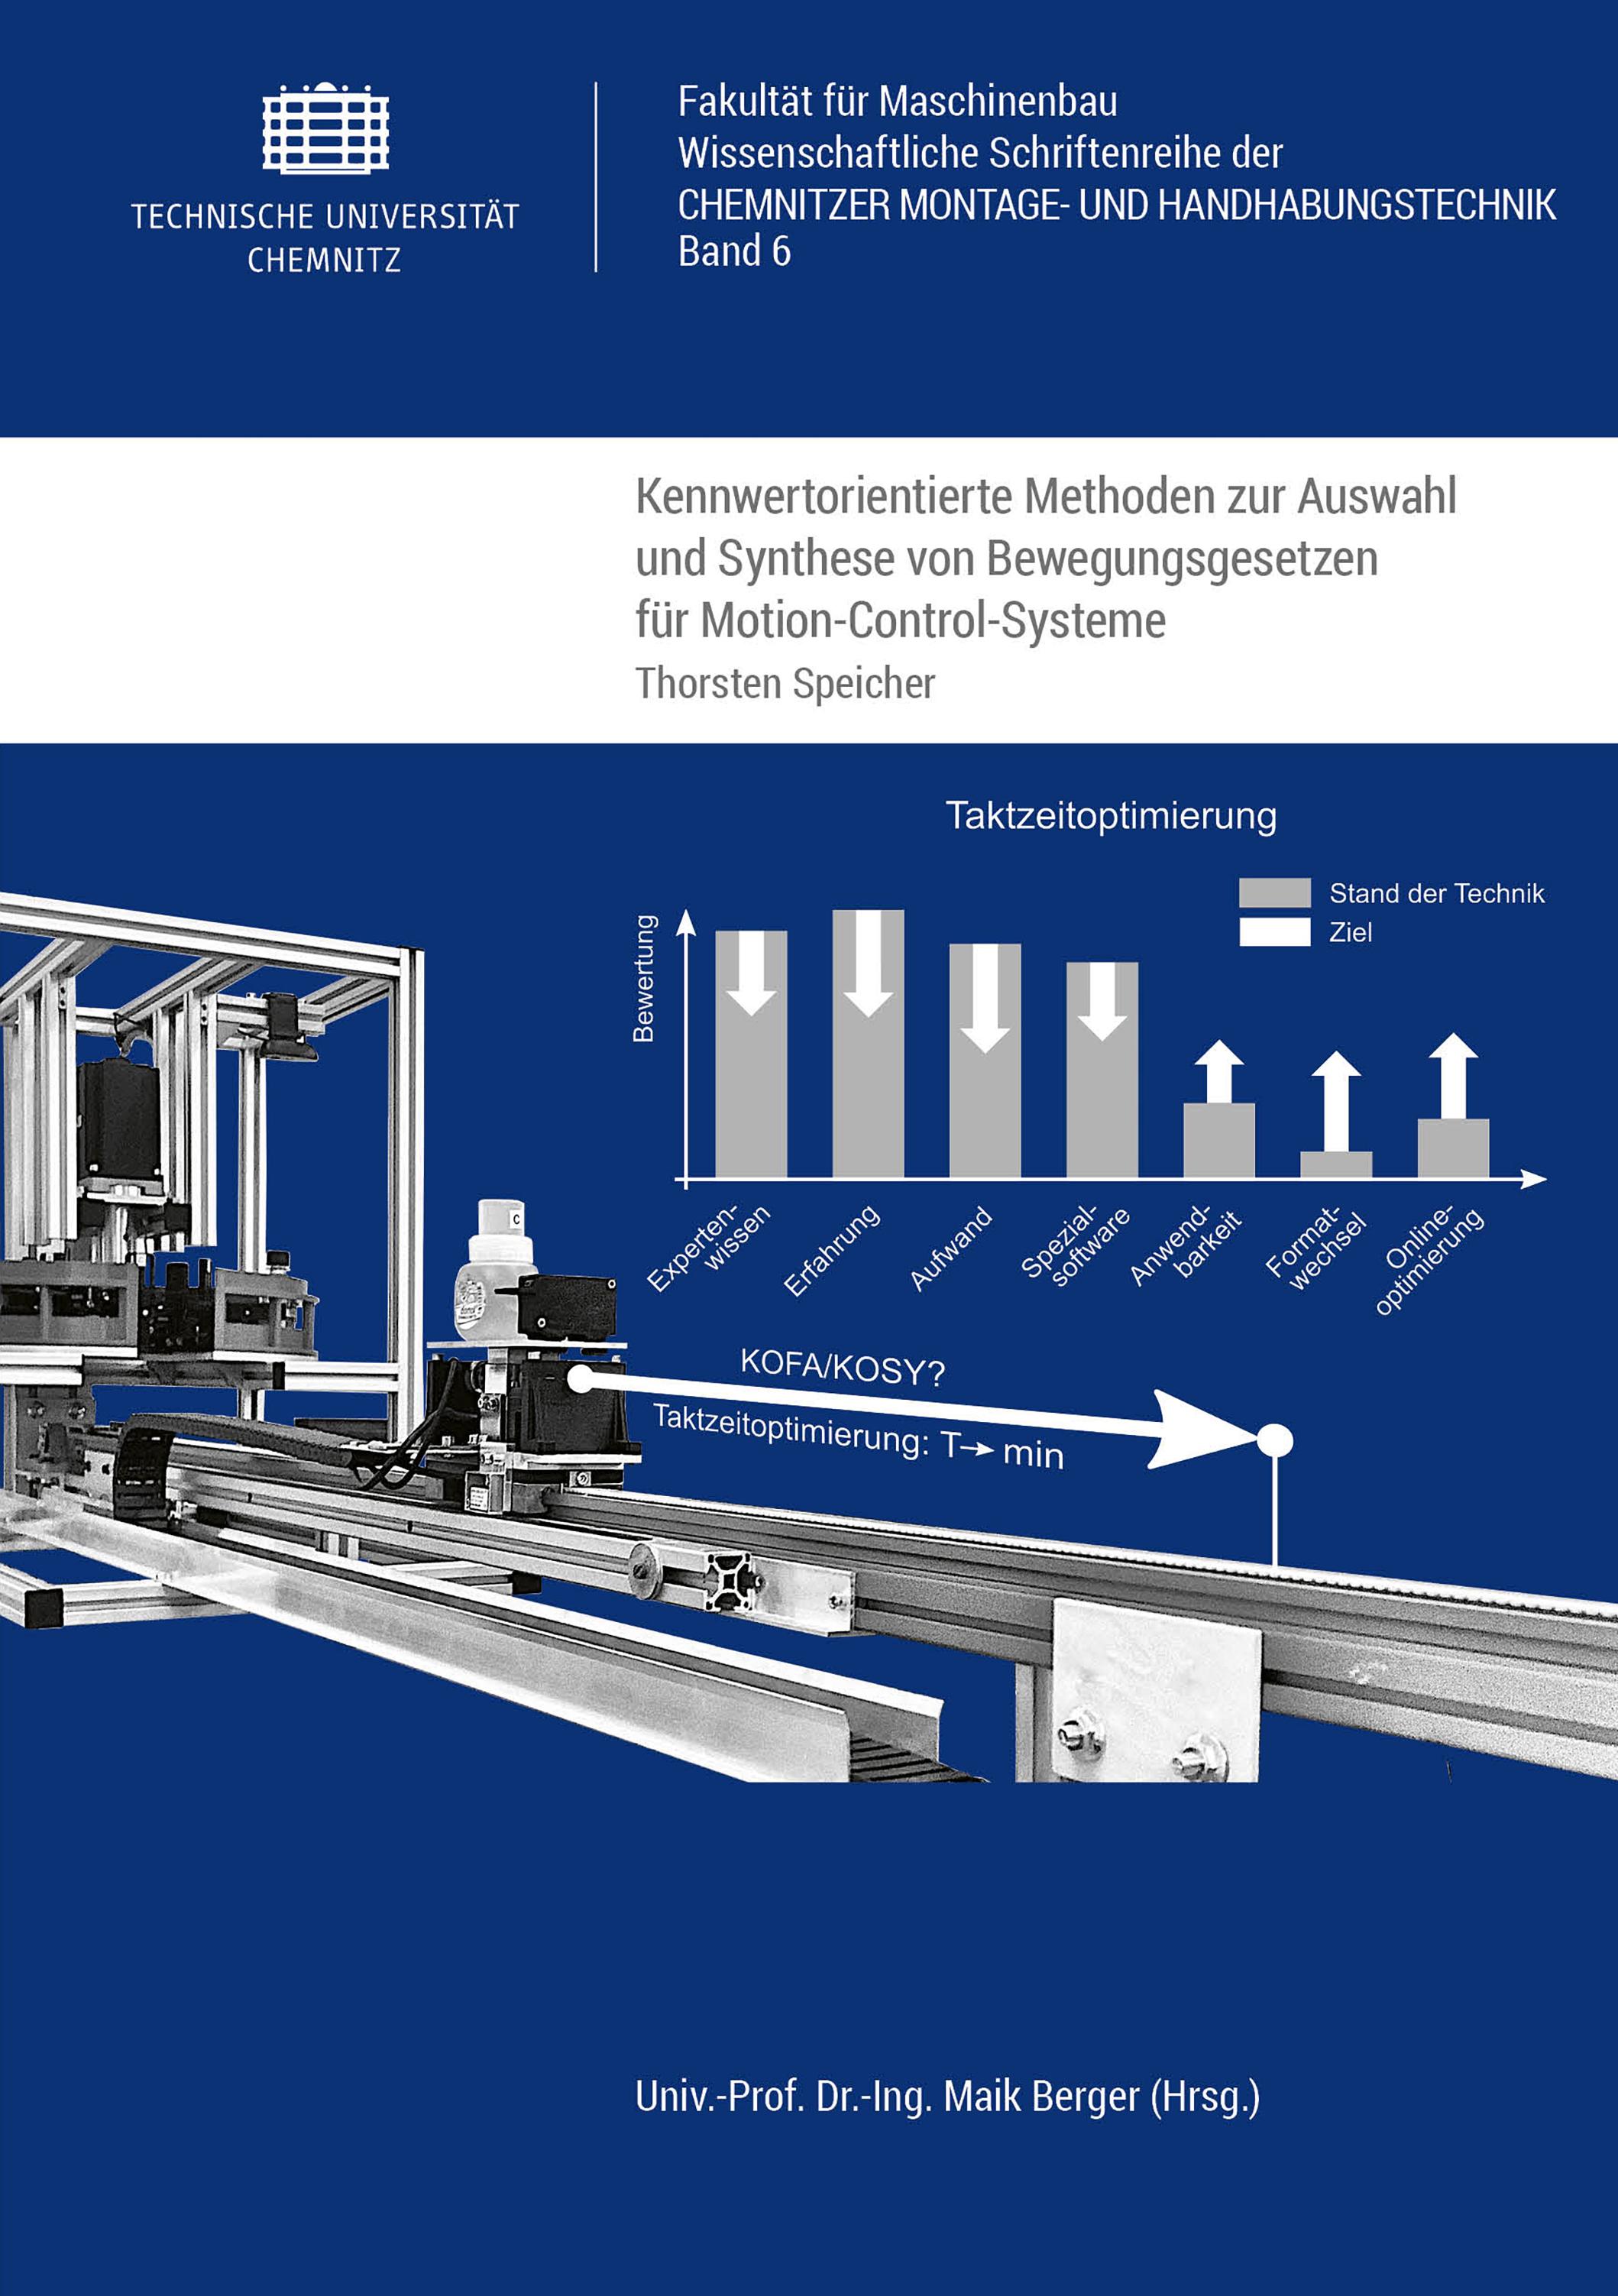 Cover: Kennwertorientierte Methoden zur Auswahl und Synthese von Bewegungsgesetzen für Motion-Control-Systeme